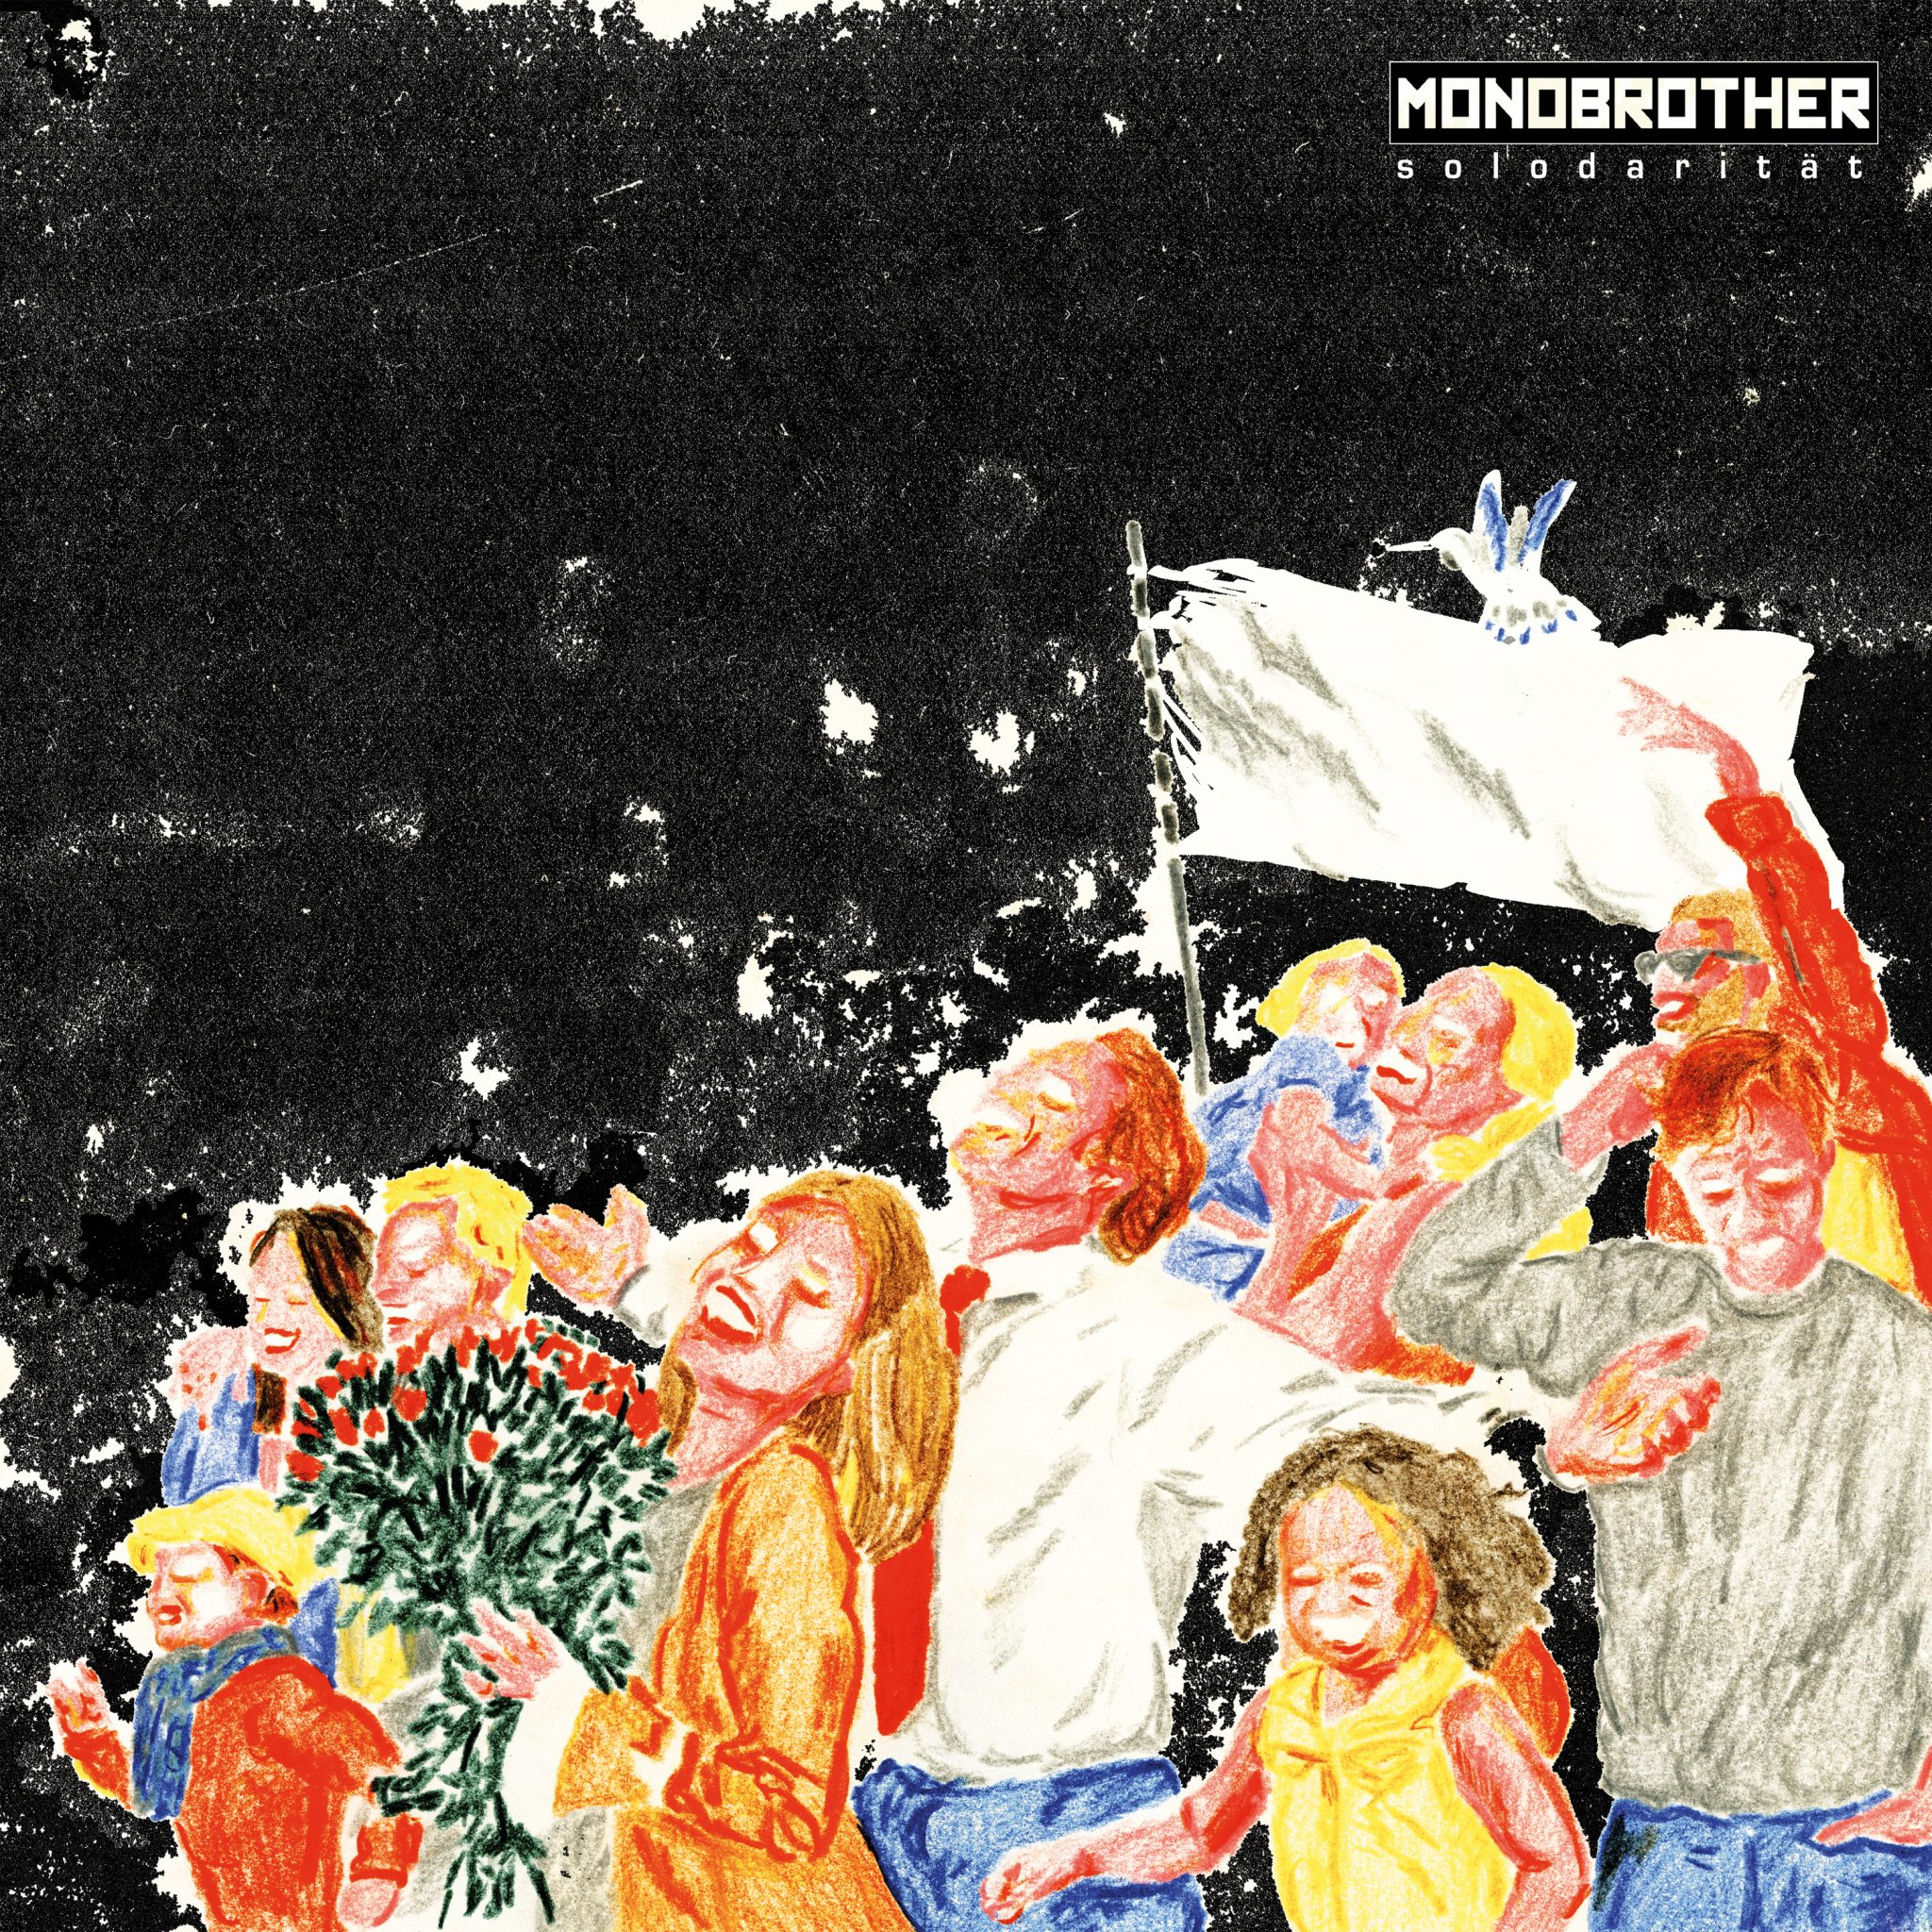 Monobrother